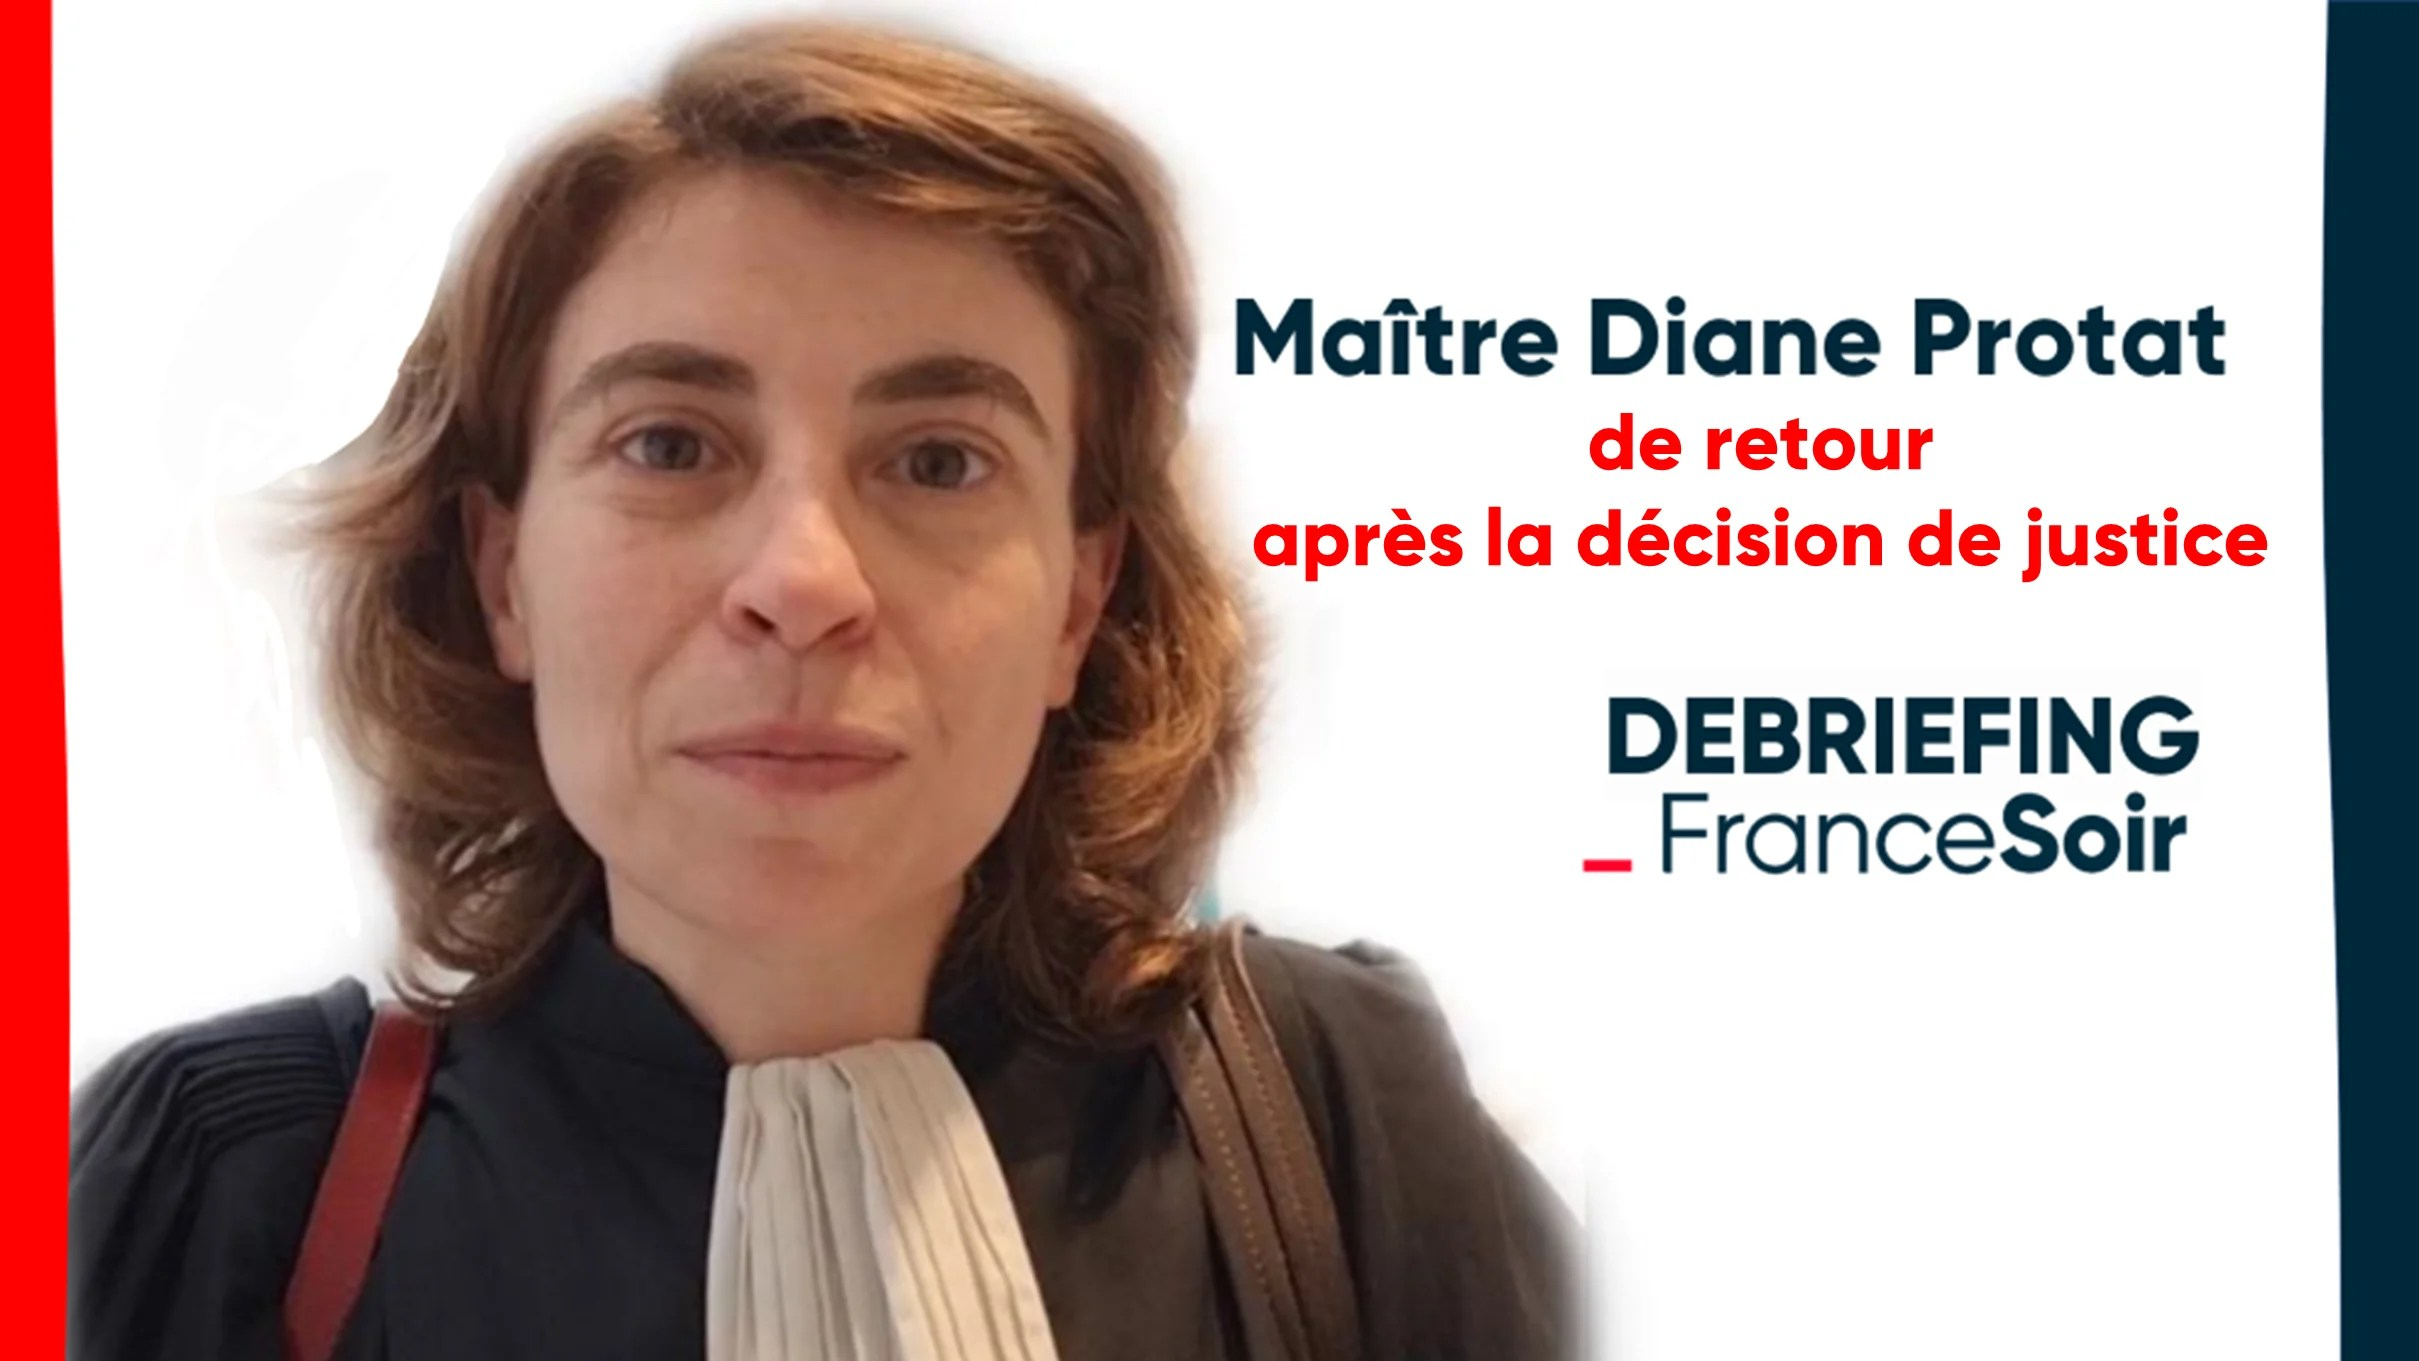 « Il faudra contester devant tous les tribunaux possibles » Maître Diane Protat après la décision du tribunal